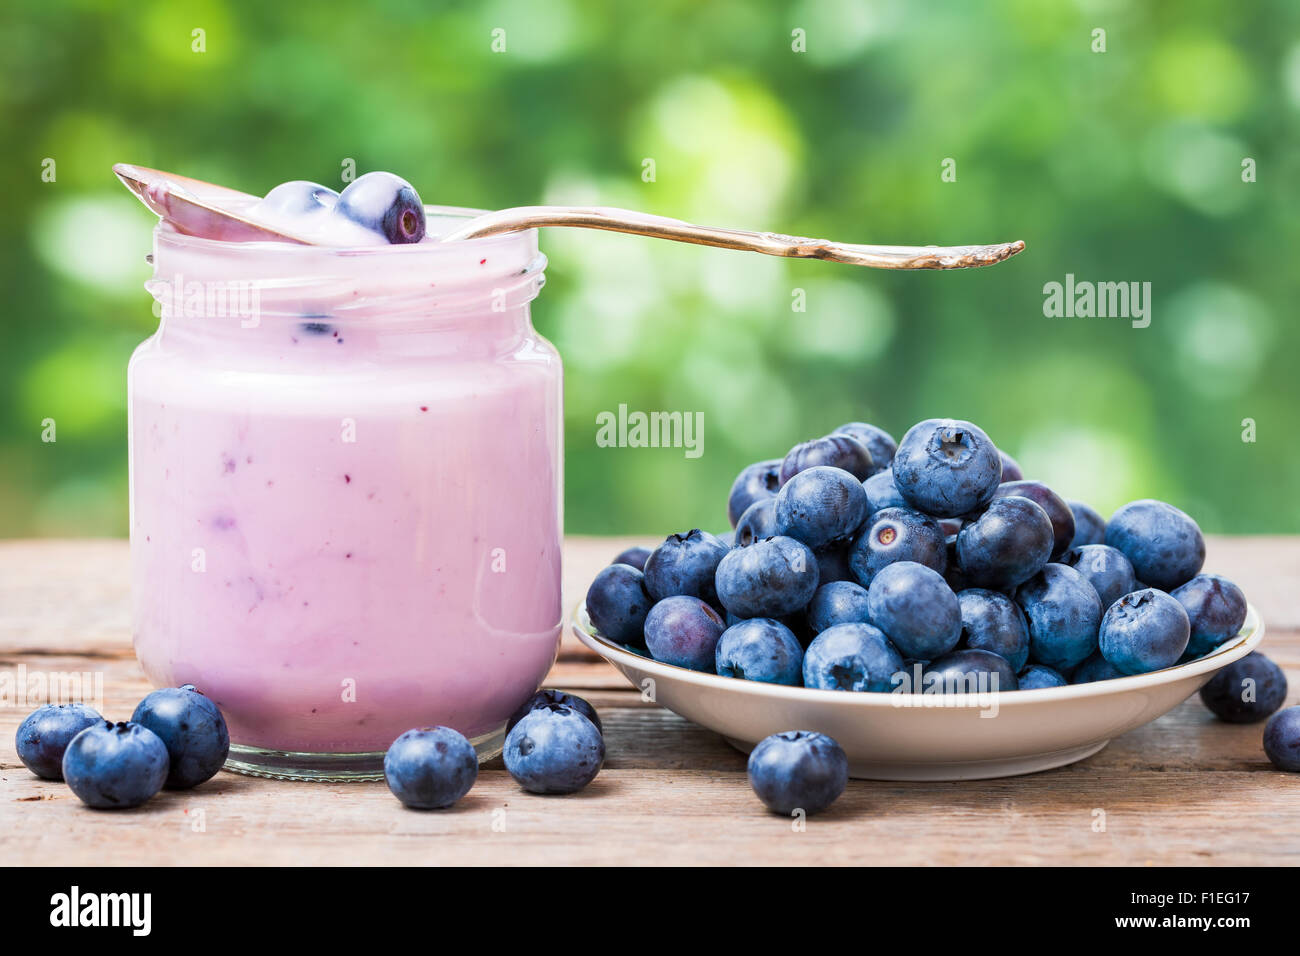 Mirtilli freschi yogurt in un barattolo di vetro con piattino con mirtilli. Immagini Stock